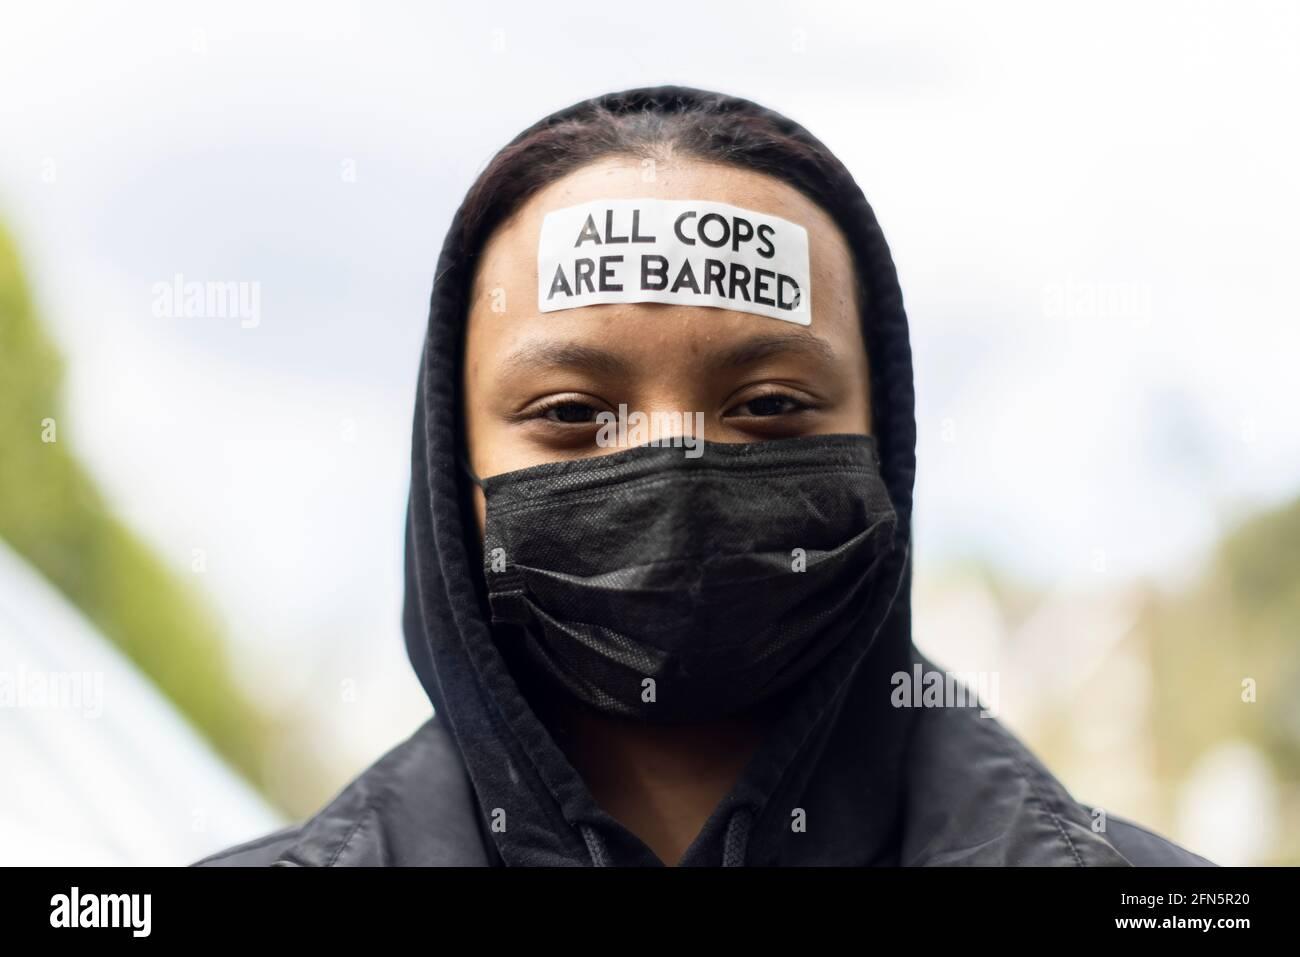 Protestador con pegatina antipolicial en la frente durante una protesta 'Kill the Bill' contra un nuevo proyecto de ley policial, Londres, 1 de mayo de 2021 Foto de stock